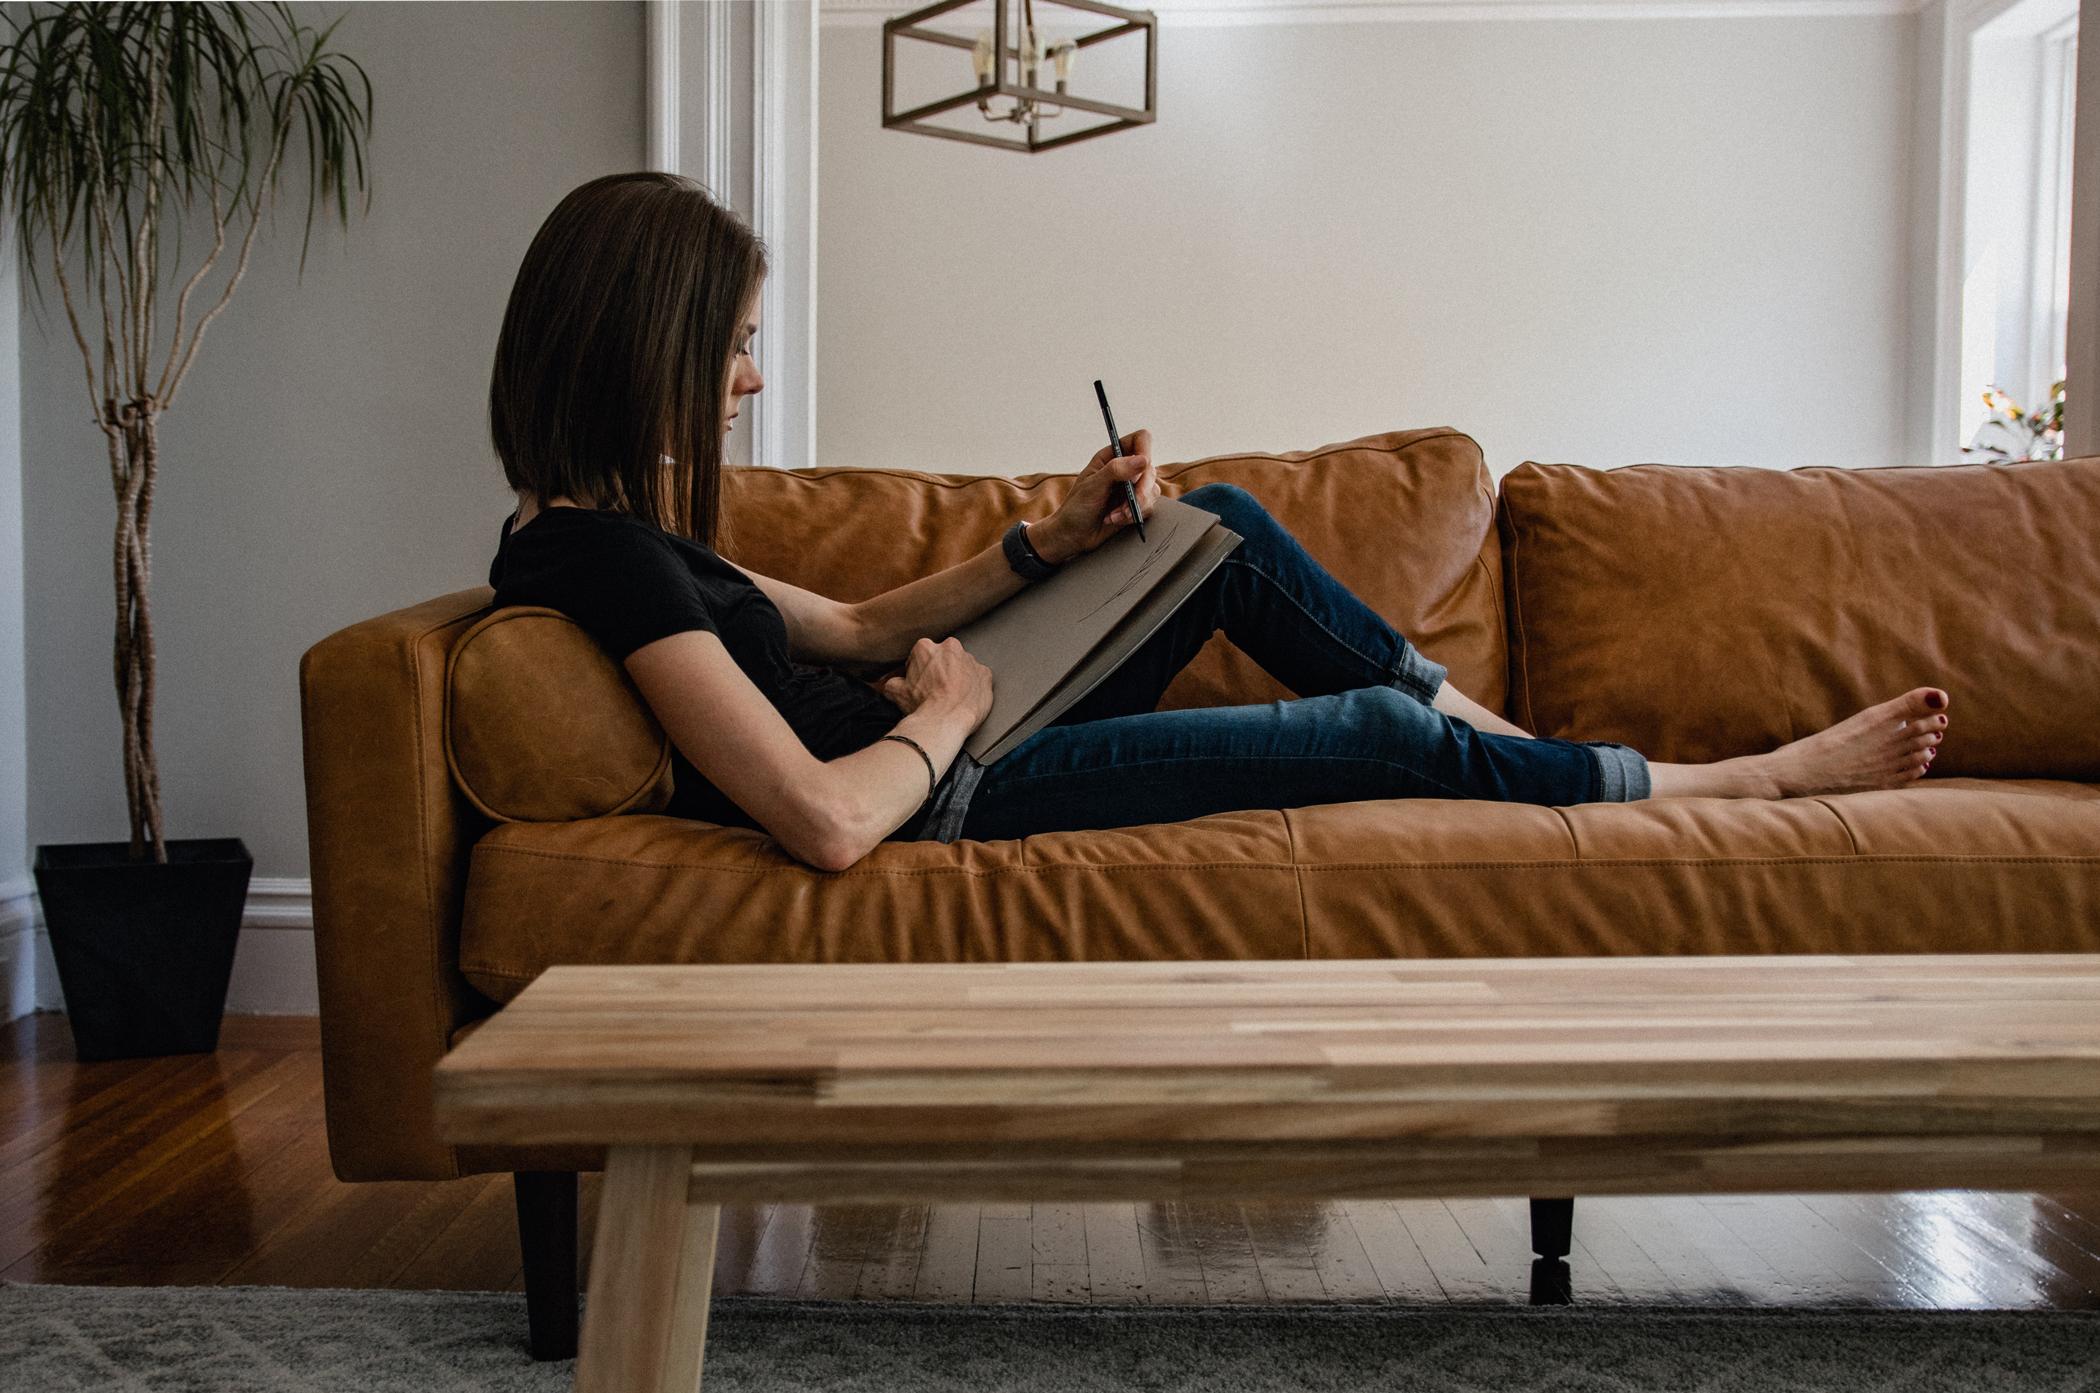 Confort canapé et sofa : comment choisir la fermeté ?